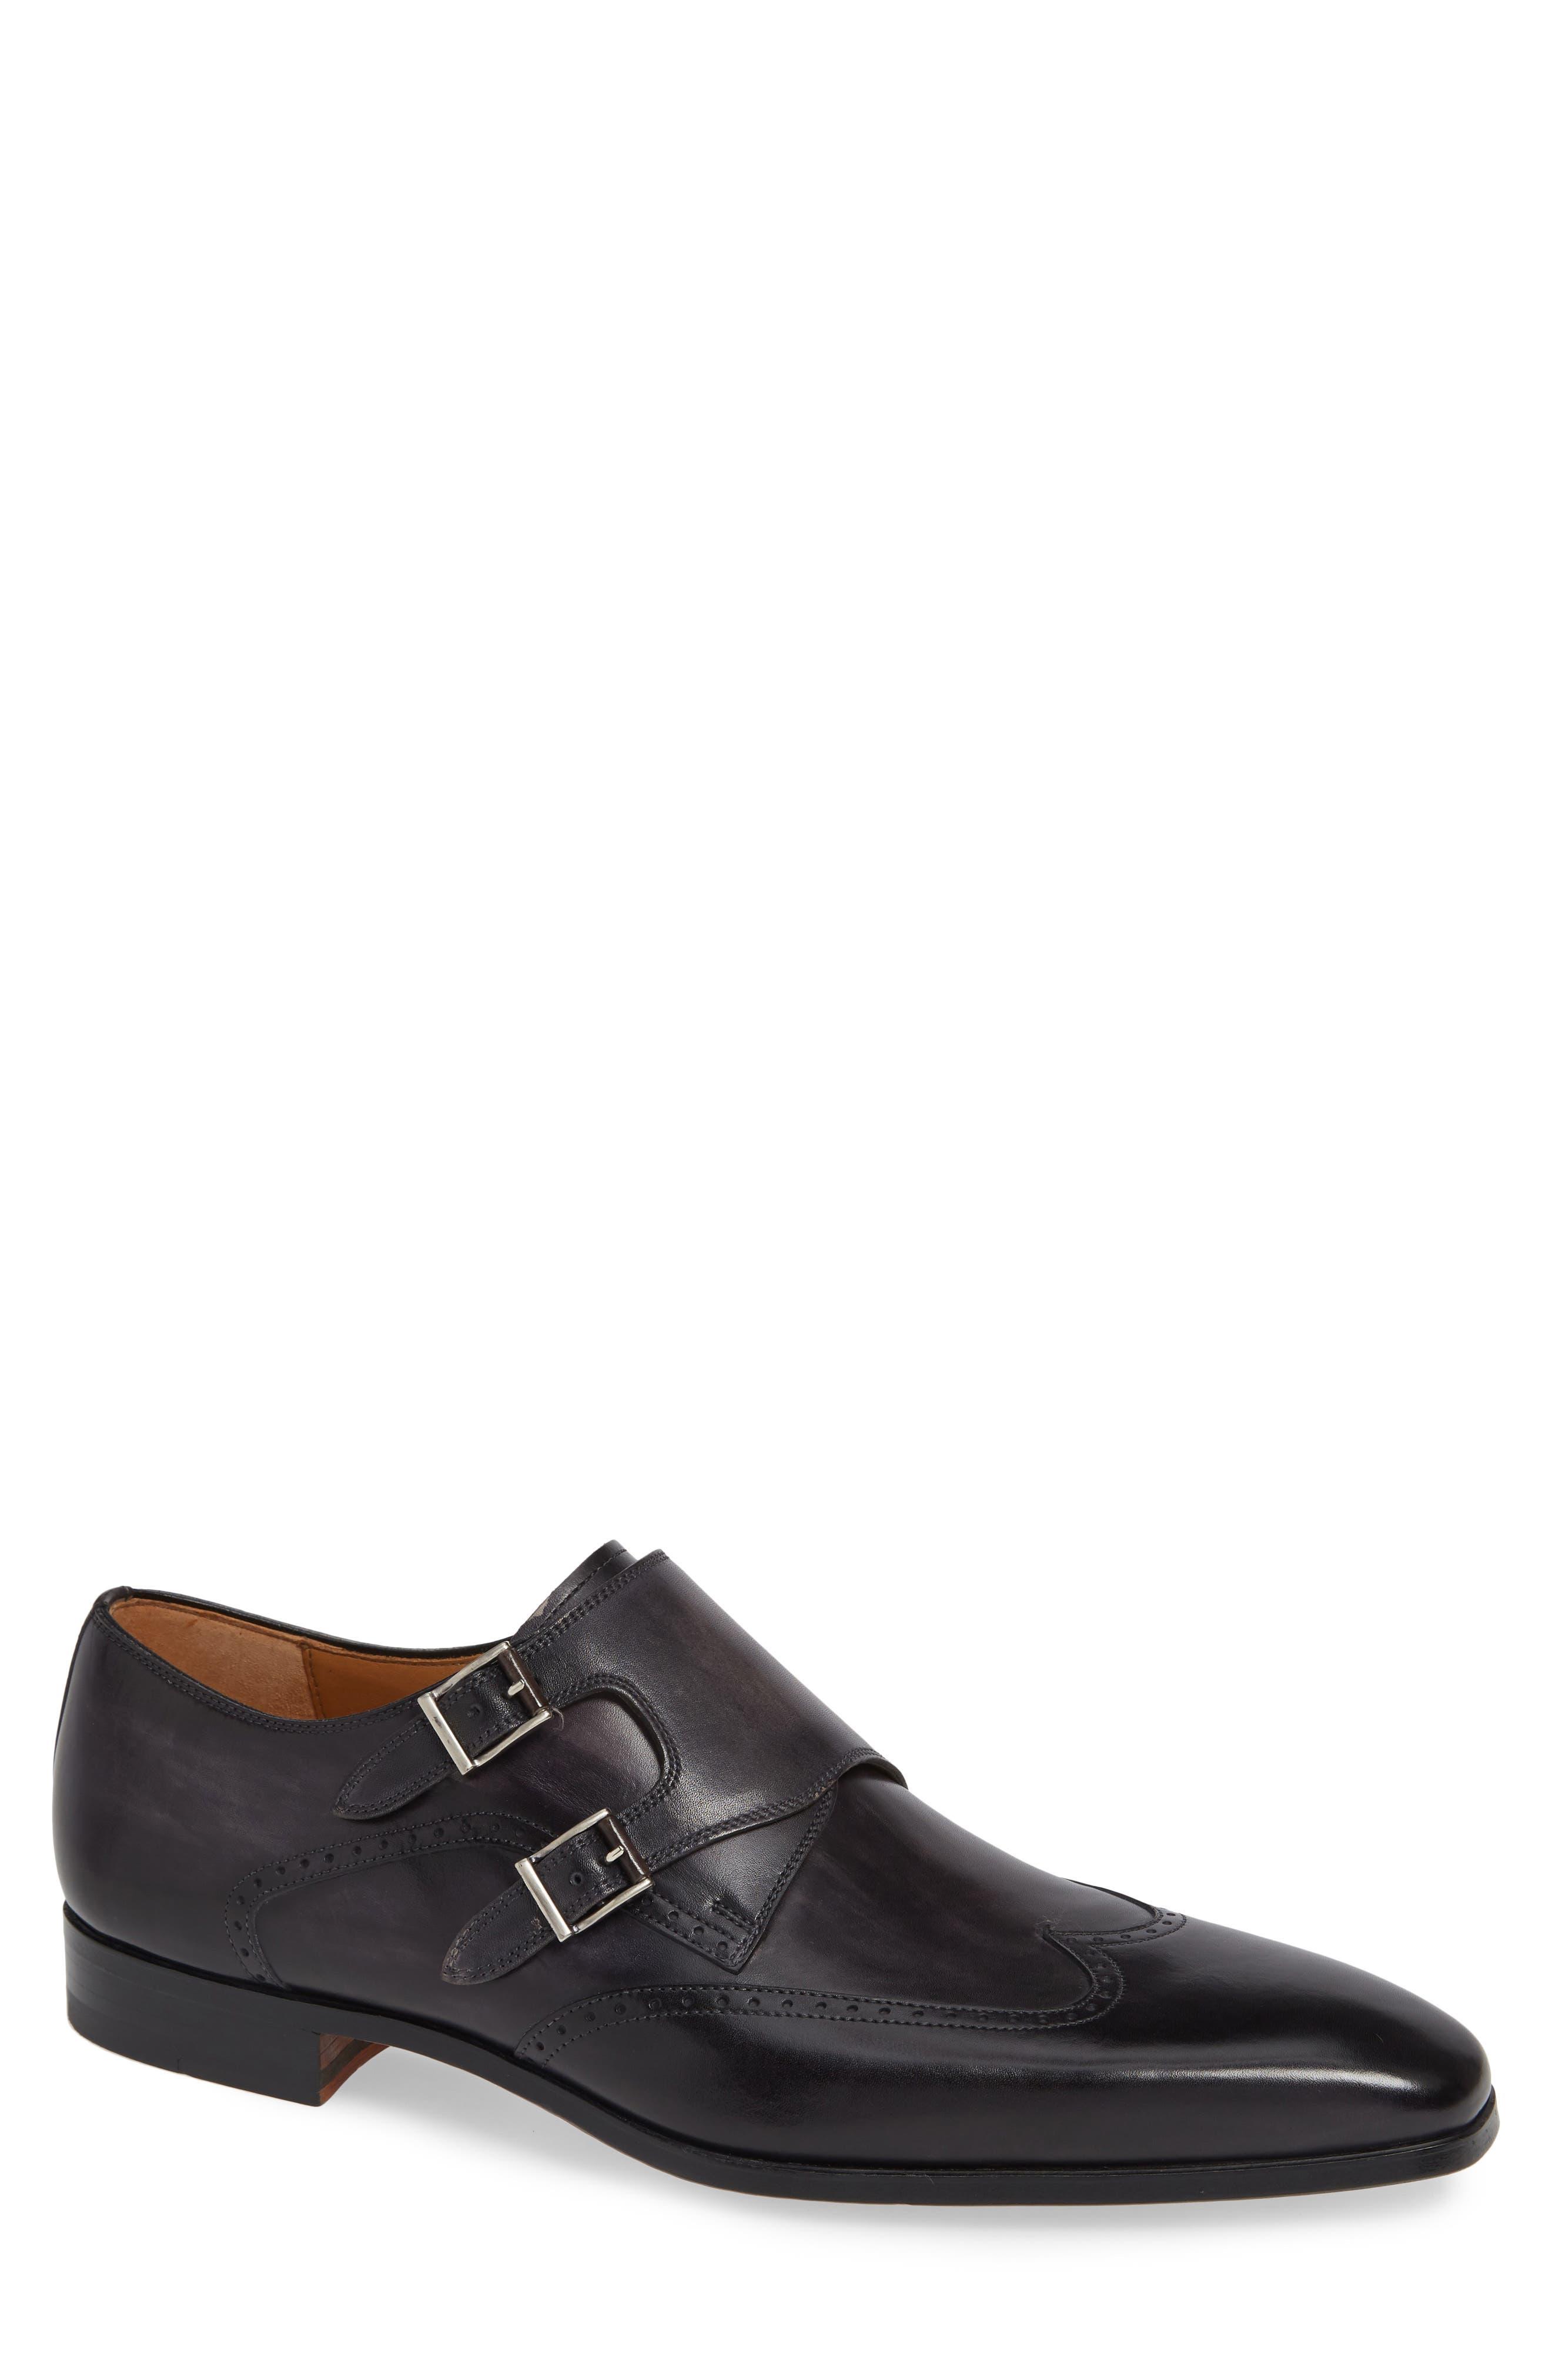 Dixon Wingtip Double Strap Monk Shoe,                             Main thumbnail 1, color,                             GREY